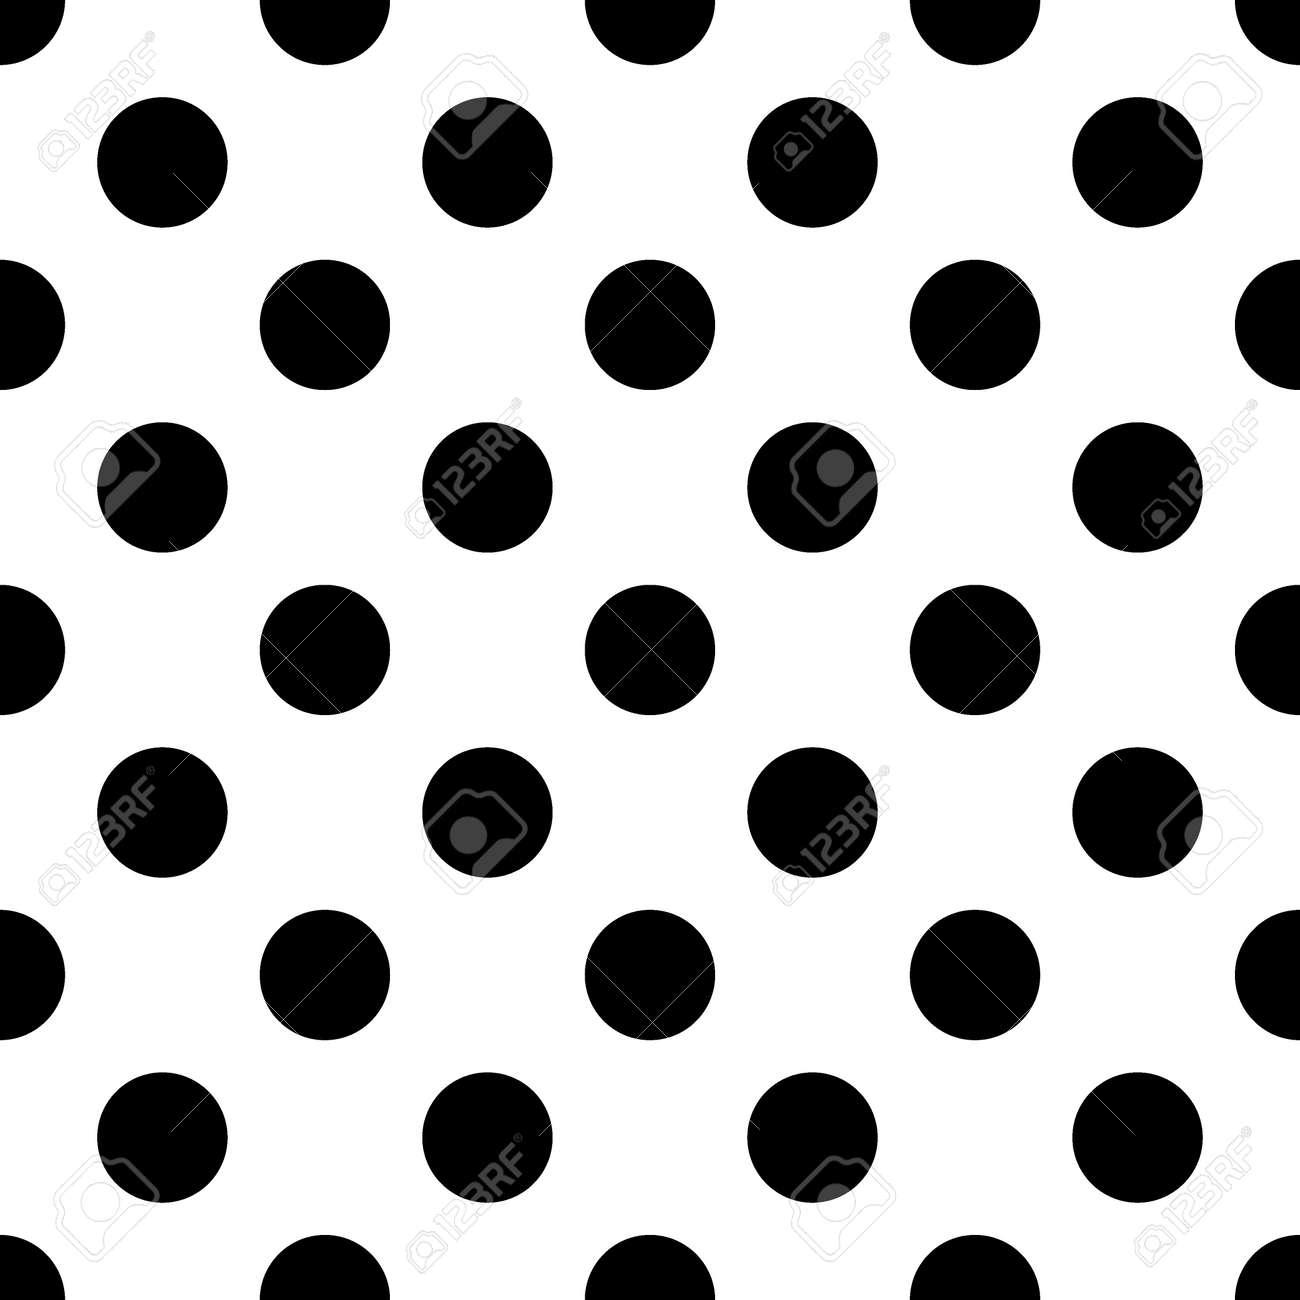 大きな水玉のシームレスなパターン 抽象的なファッション黒と白のテクスチャです モノクロのテンプレートです 壁紙 ラッピング ファブリック 背景 アパレル グラフィック スタイルは 生産等を印刷します の写真素材 画像素材 Image